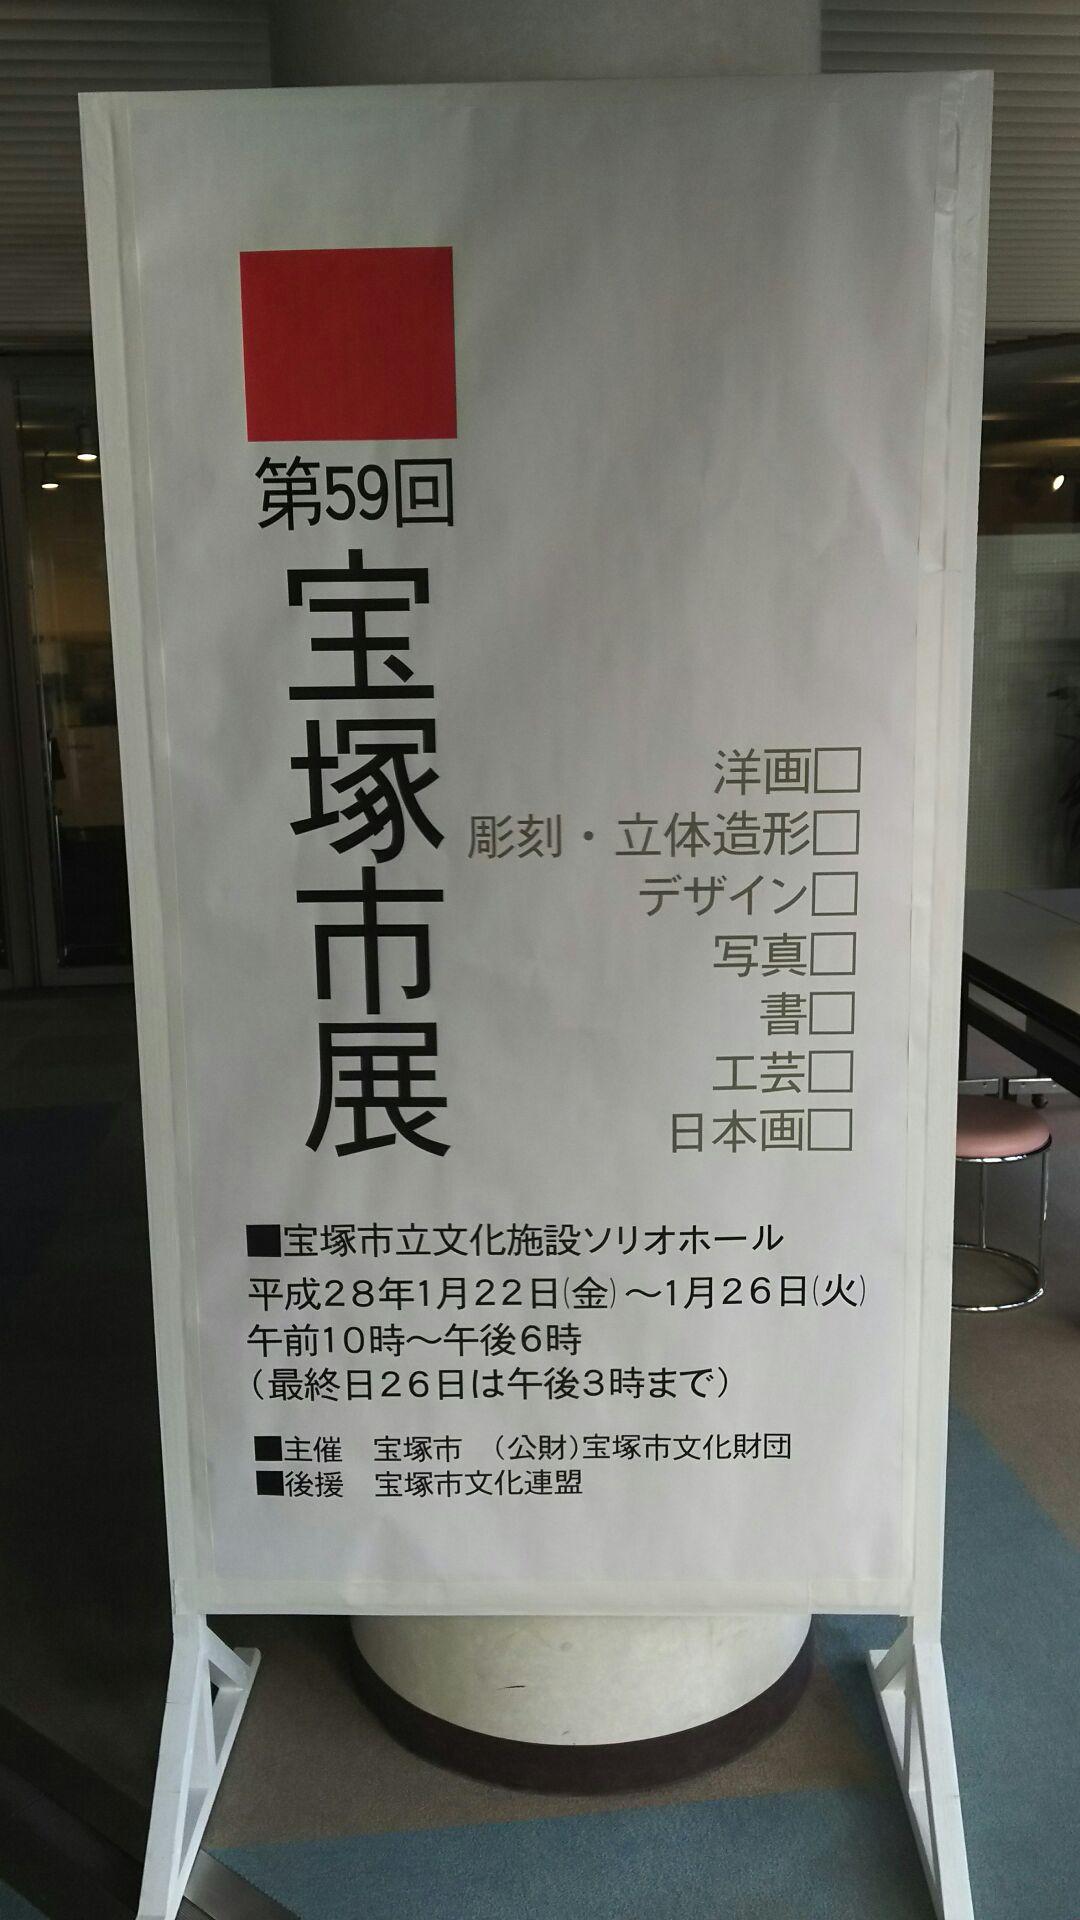 第59回宝塚市展入選_a0288226_2153158.jpg